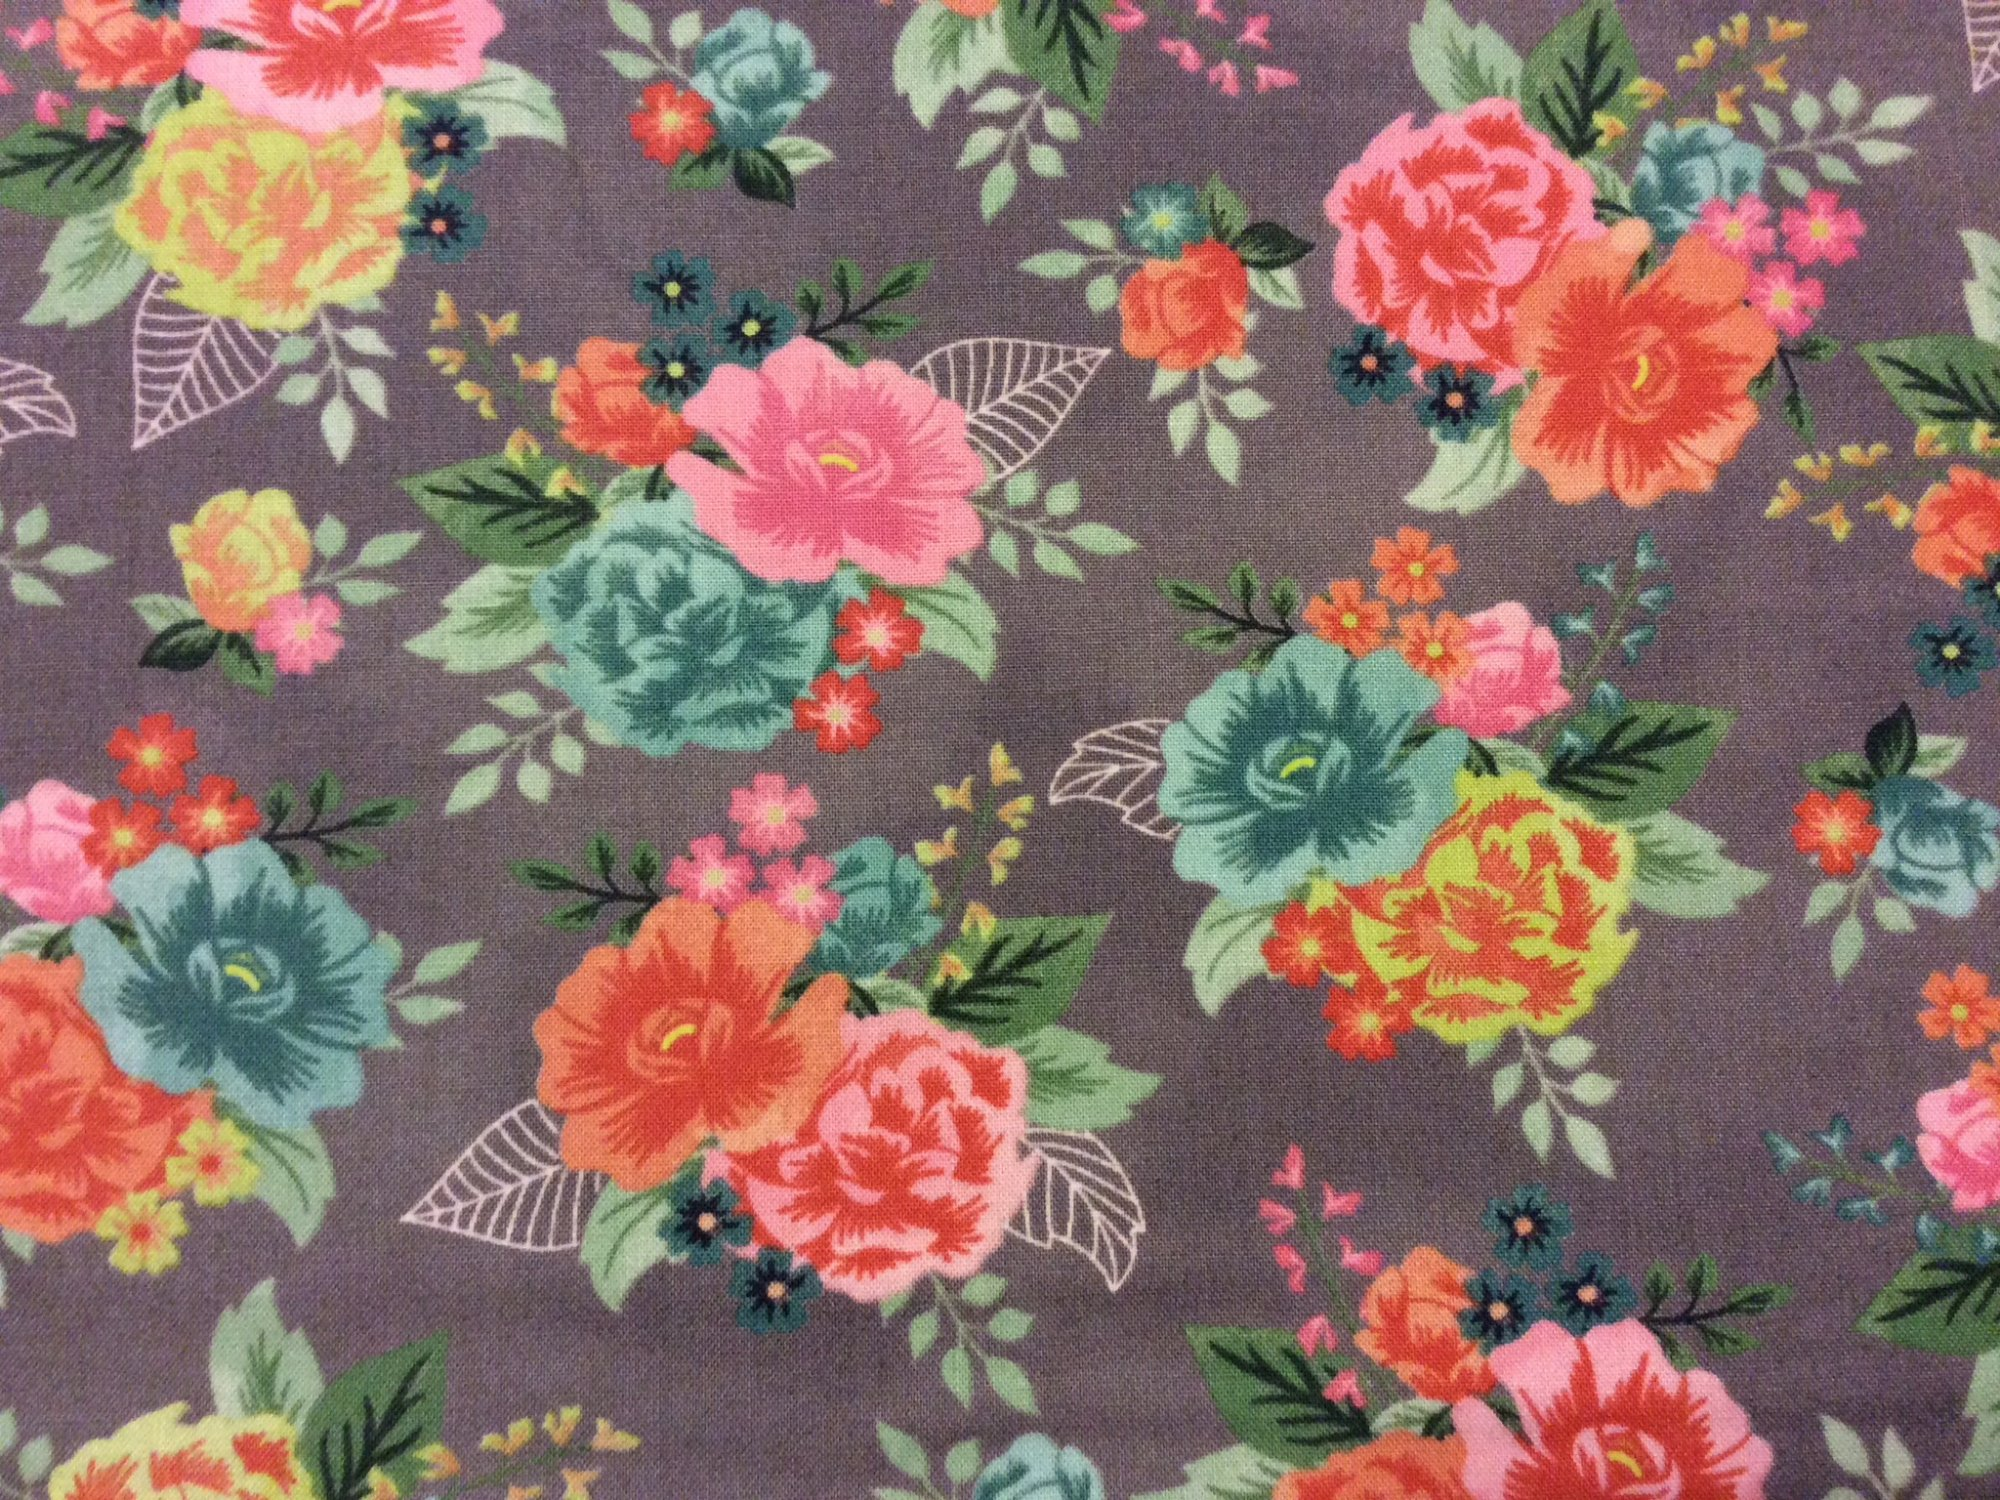 English Garden BasicGrey Fresh Cut Bouquet English Country Garden Floral Cotton Quilting Fabric Moda MO18